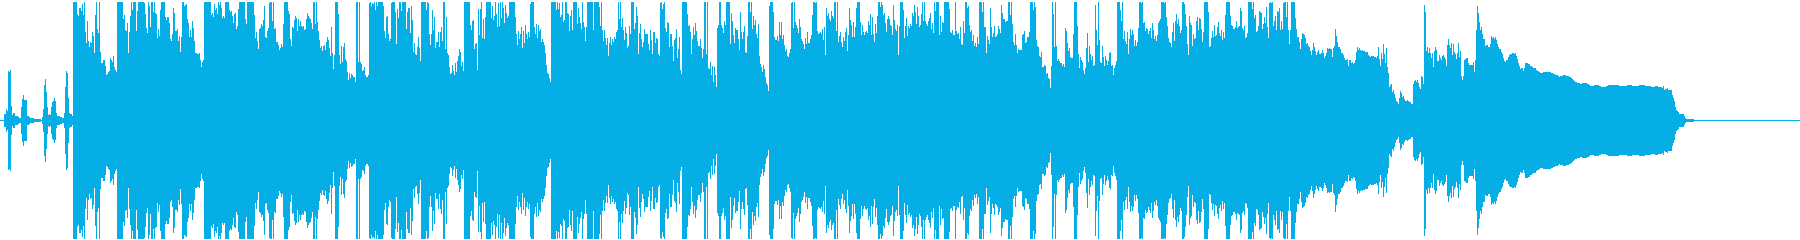 代替案 ポップ ロック 民謡 アク...の再生済みの波形